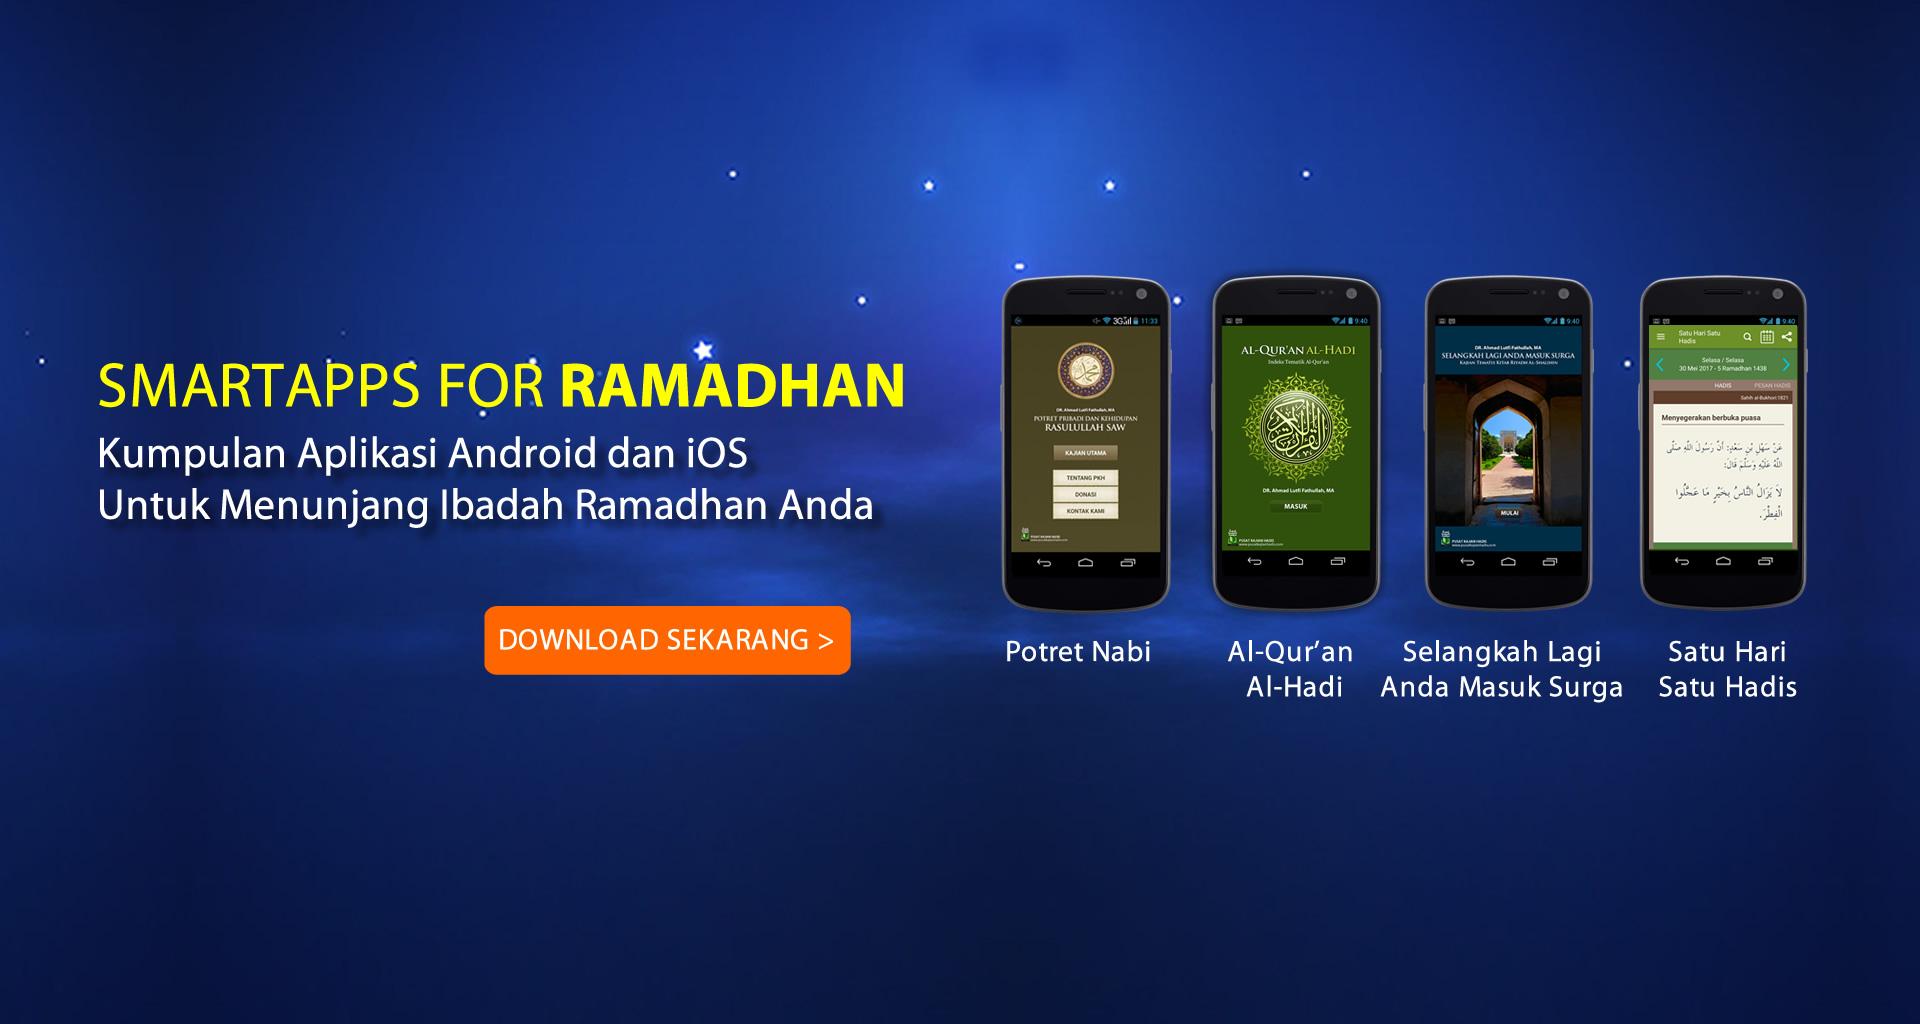 Aplikasi Ramadhan Pusat Kajian Hadis